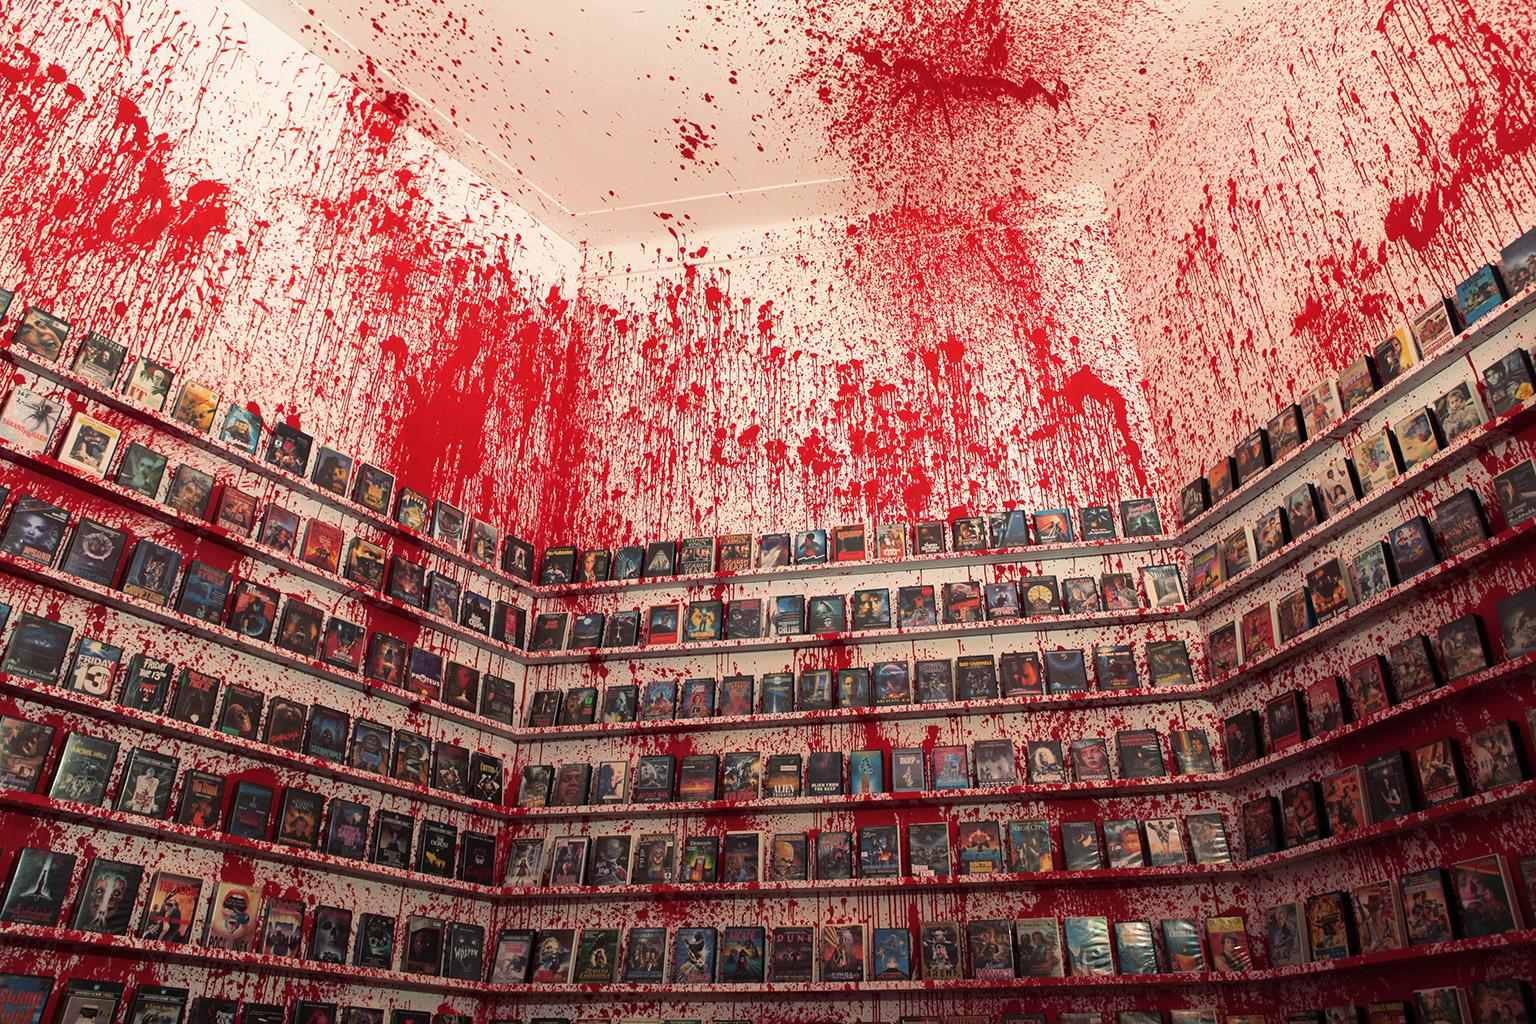 """Maurycy Gomulicki """"VHS Hell"""" (część wystawy """"Schizma – sztuka polska lat dziewięćdziesiątych"""", Zamek Ujazdowski, kurator: Adam Mazur), fot. Maurycy Gomulicki."""